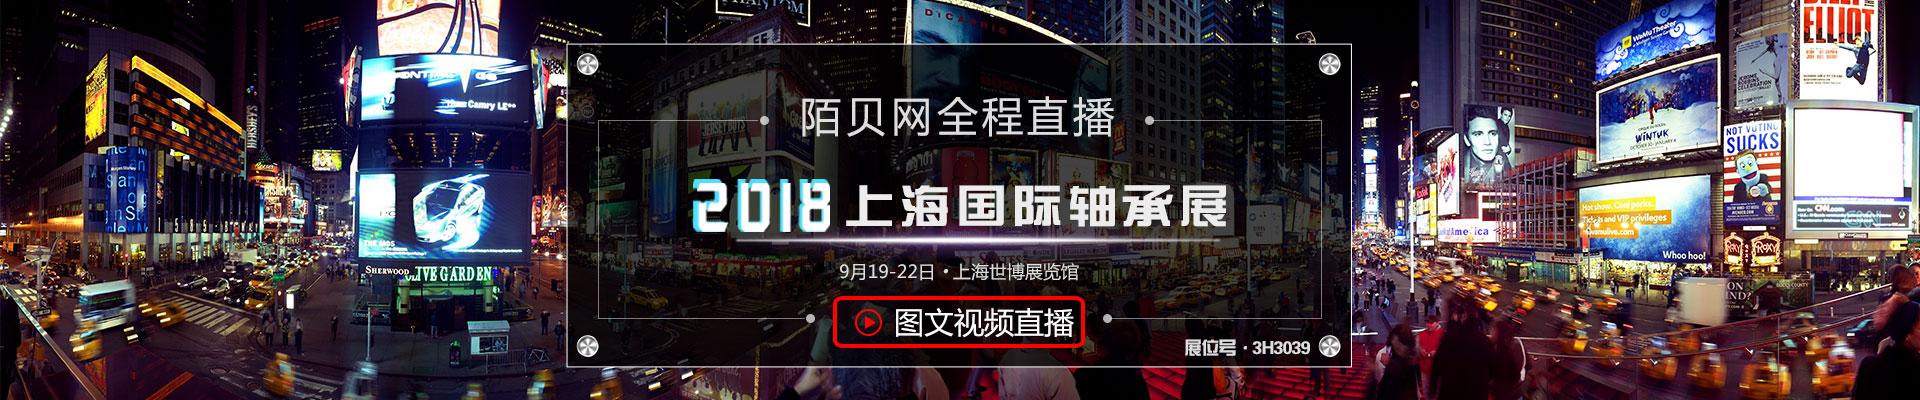 2018上海国际轴承展会